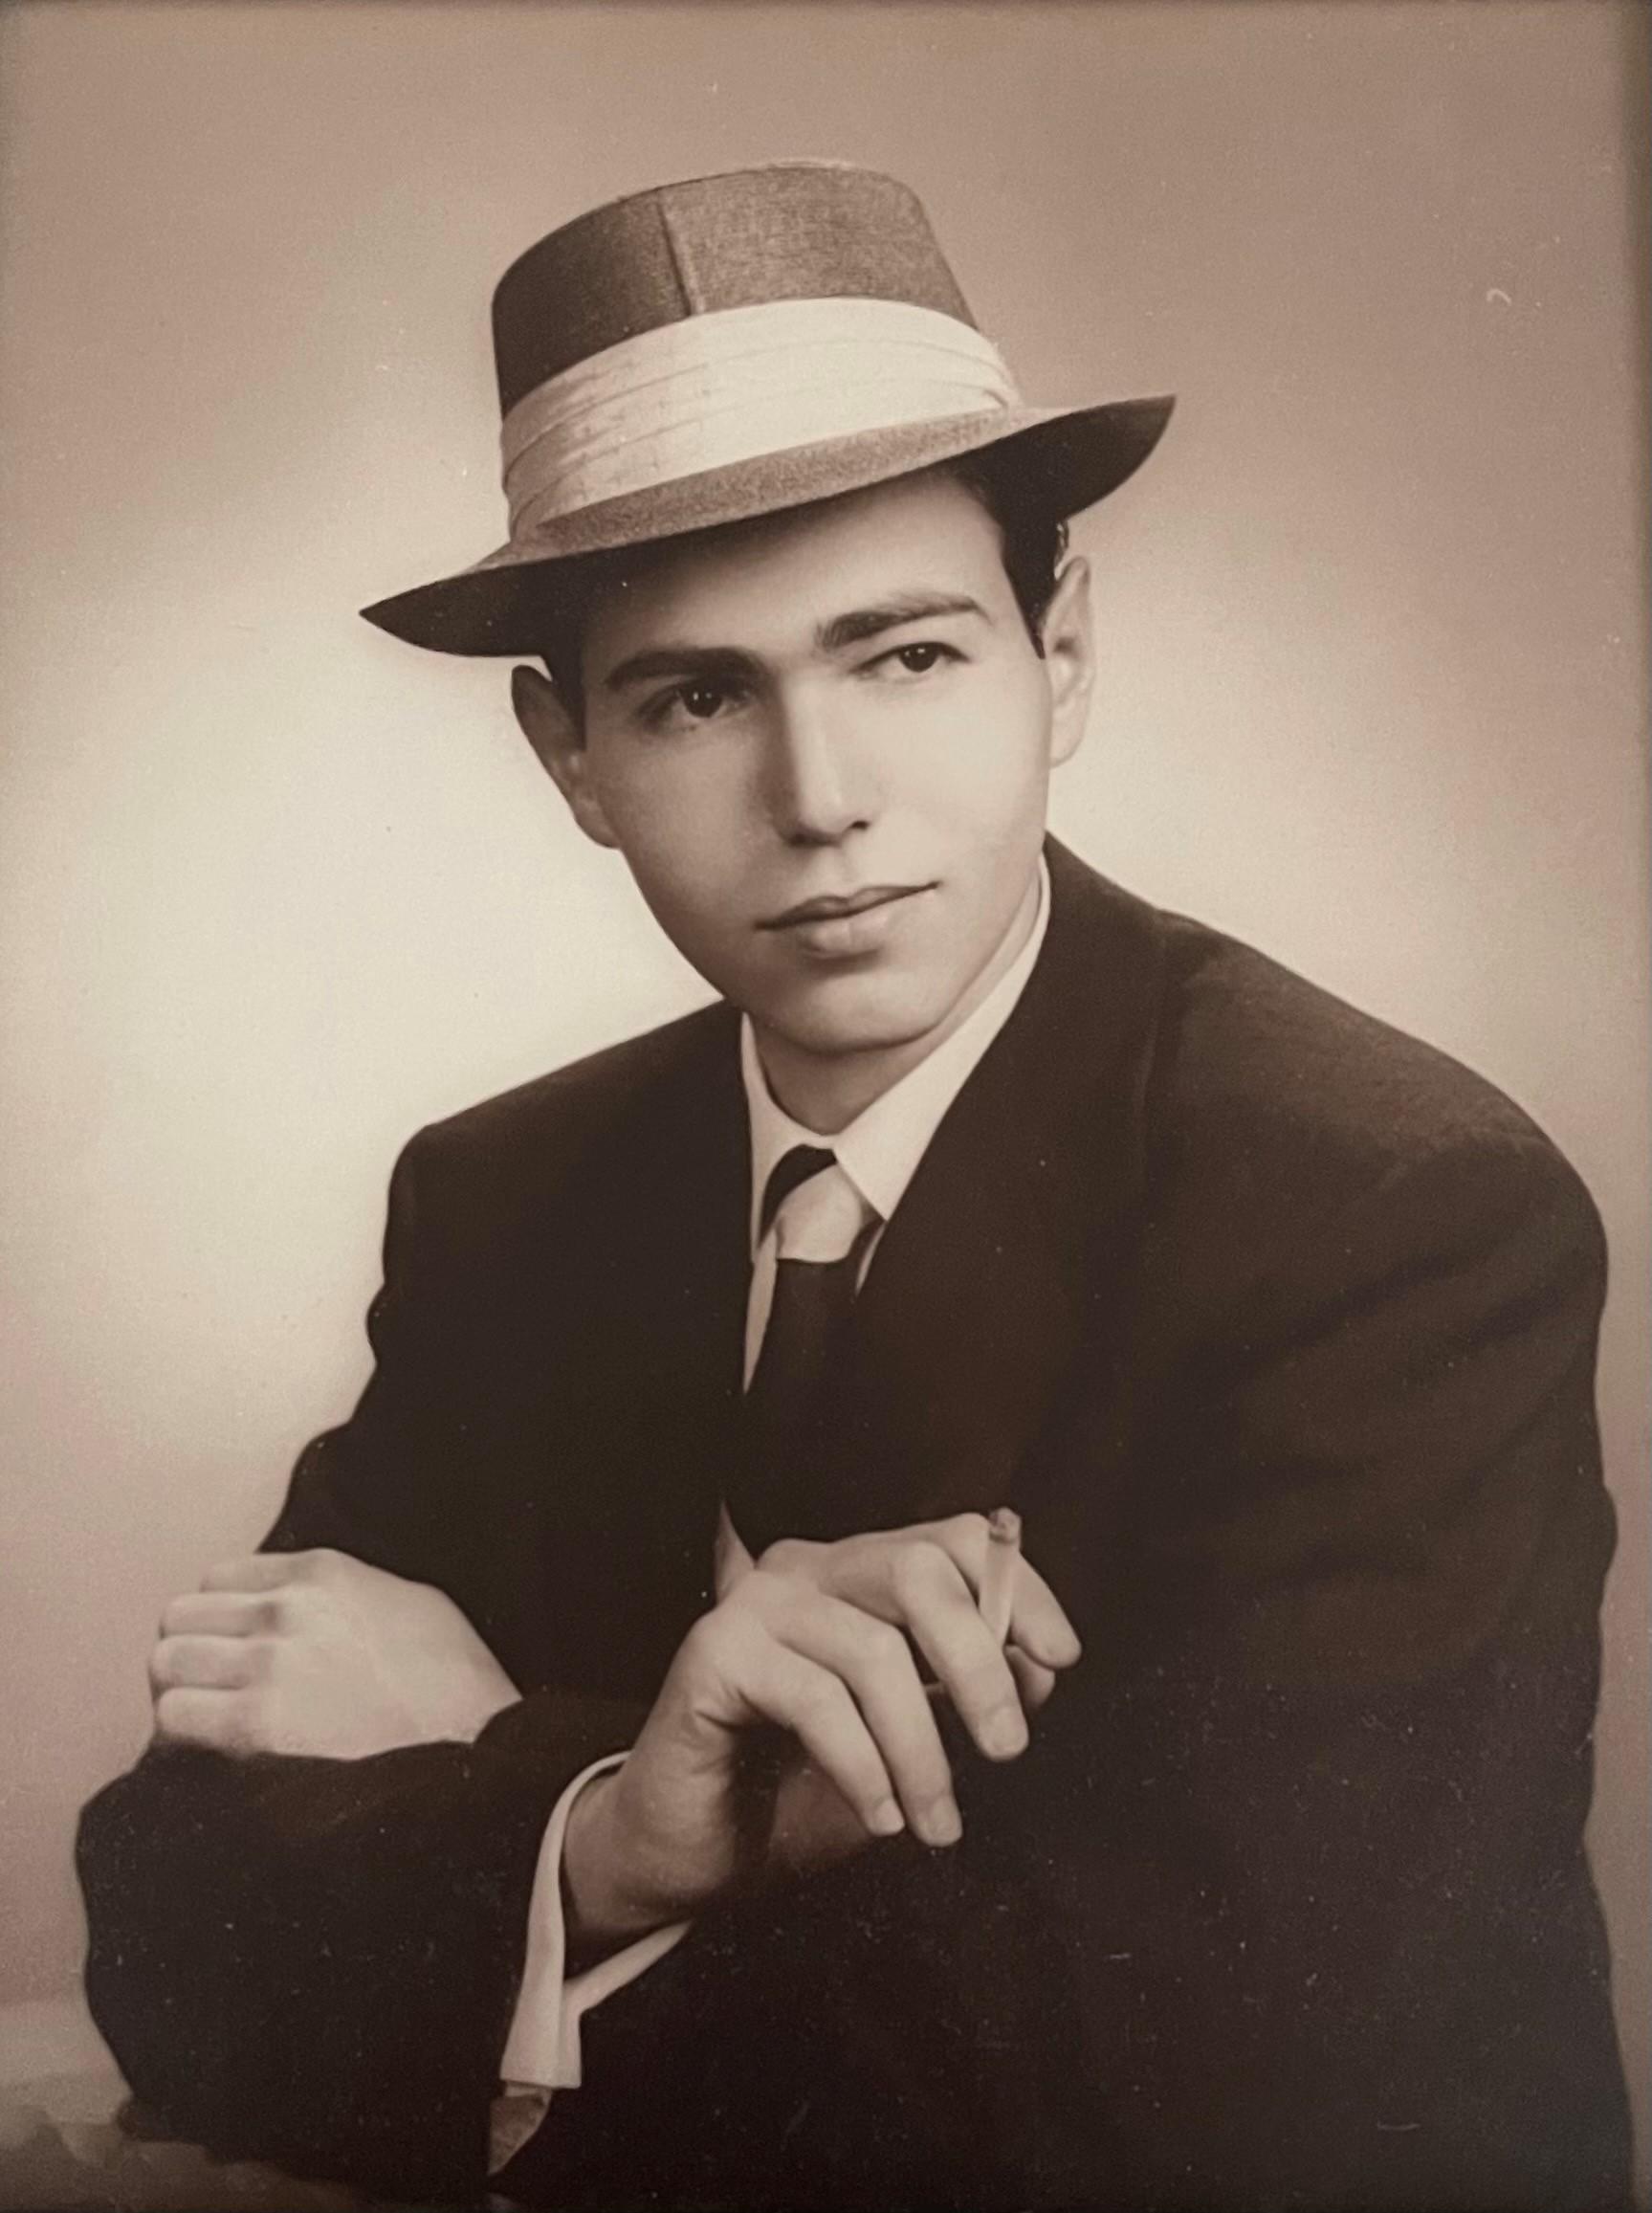 Harvey Langsam